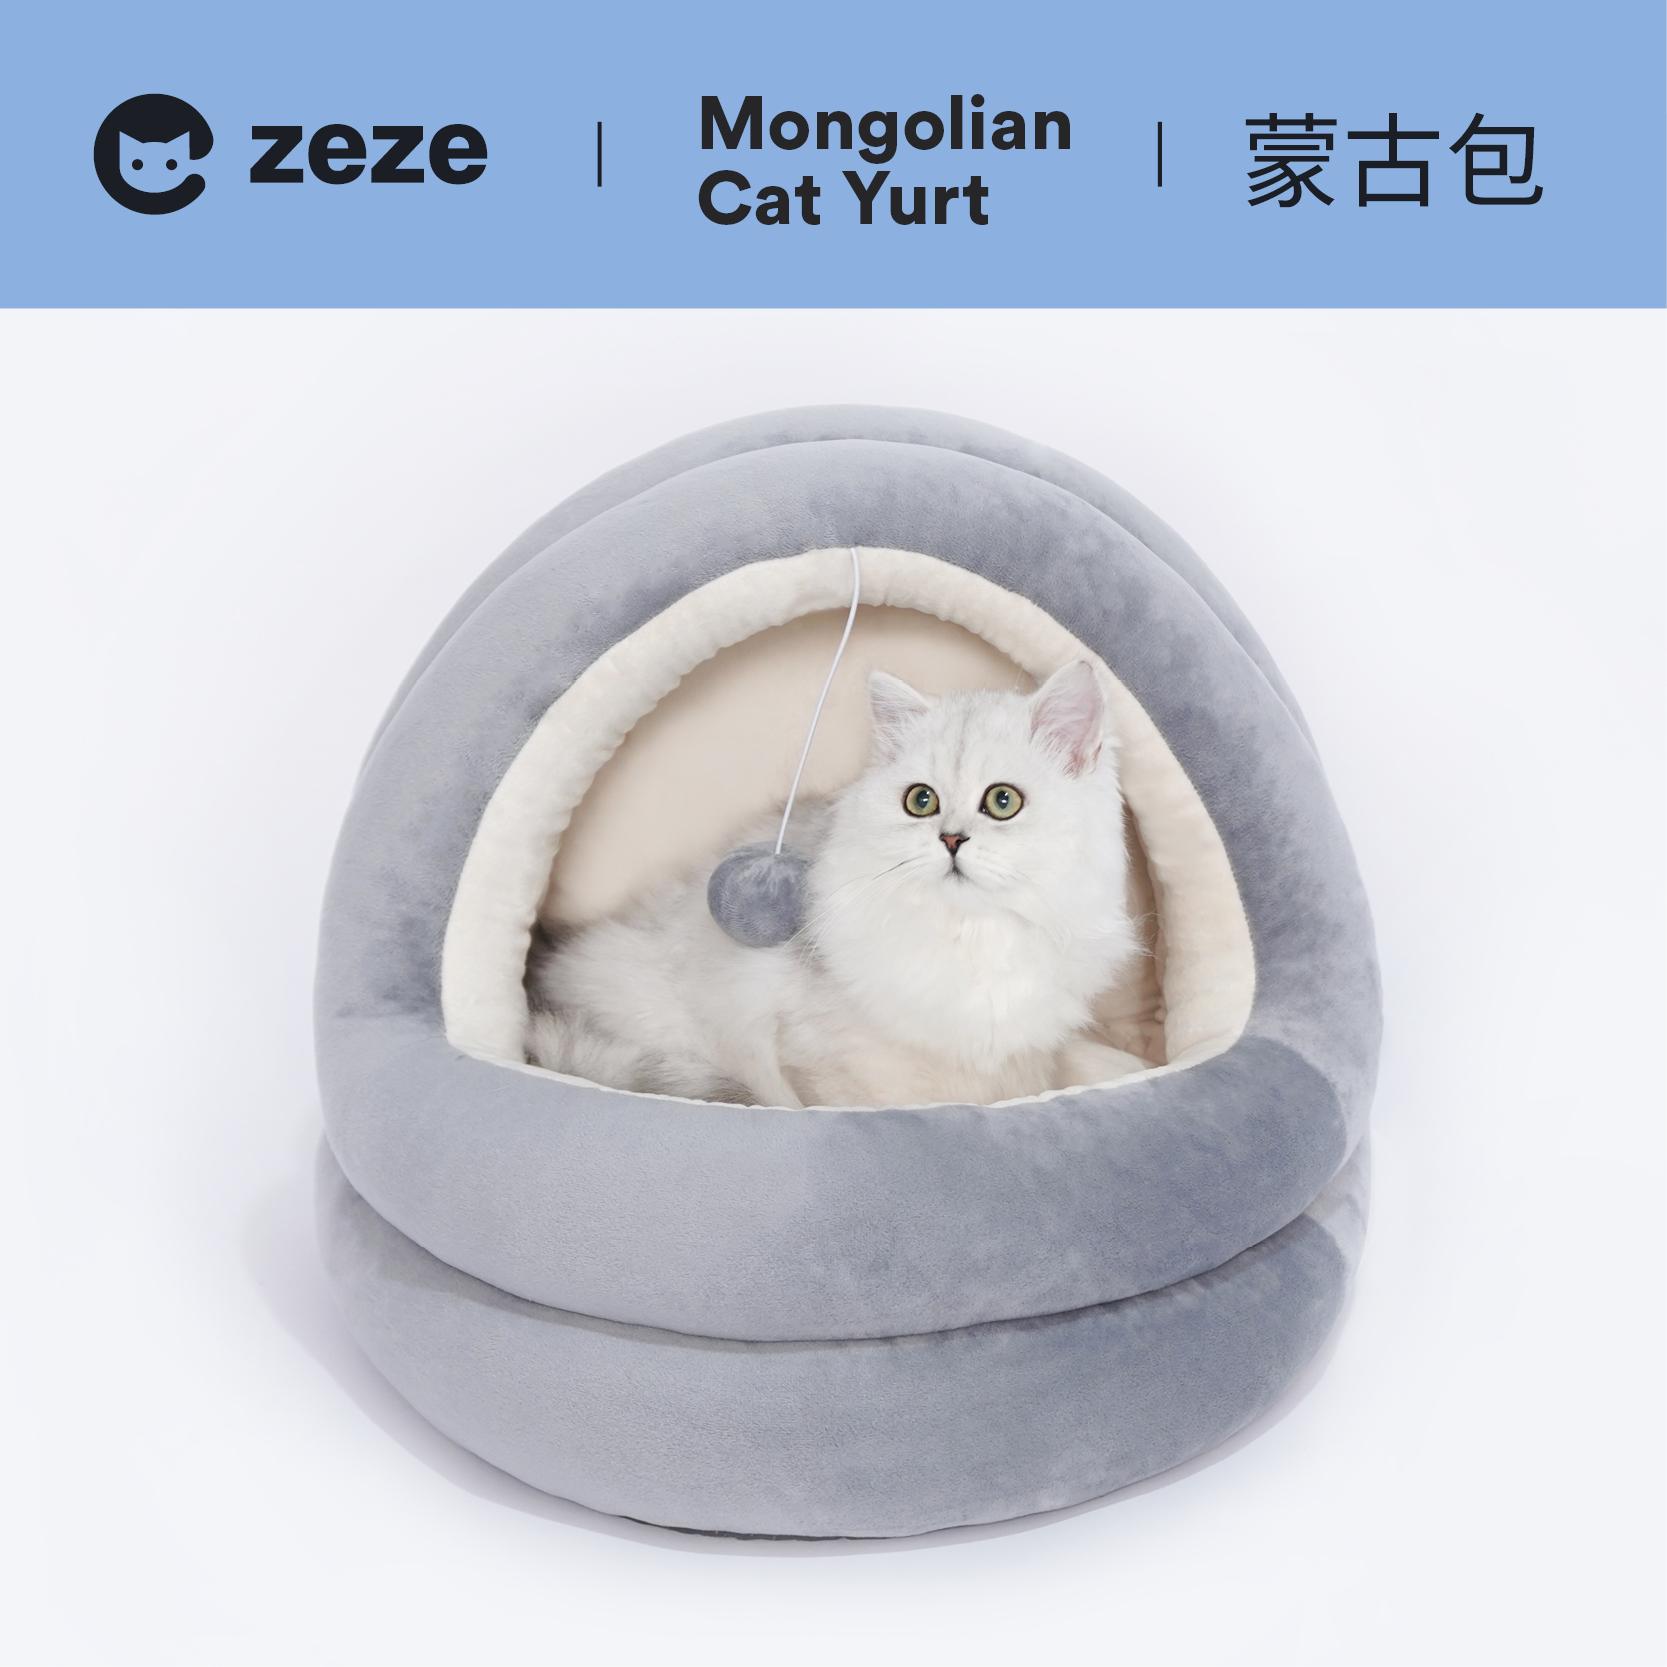 猫窝狗窝蒙古包冬天保暖猫窝中小型犬四季通用可拆洗宠物用品